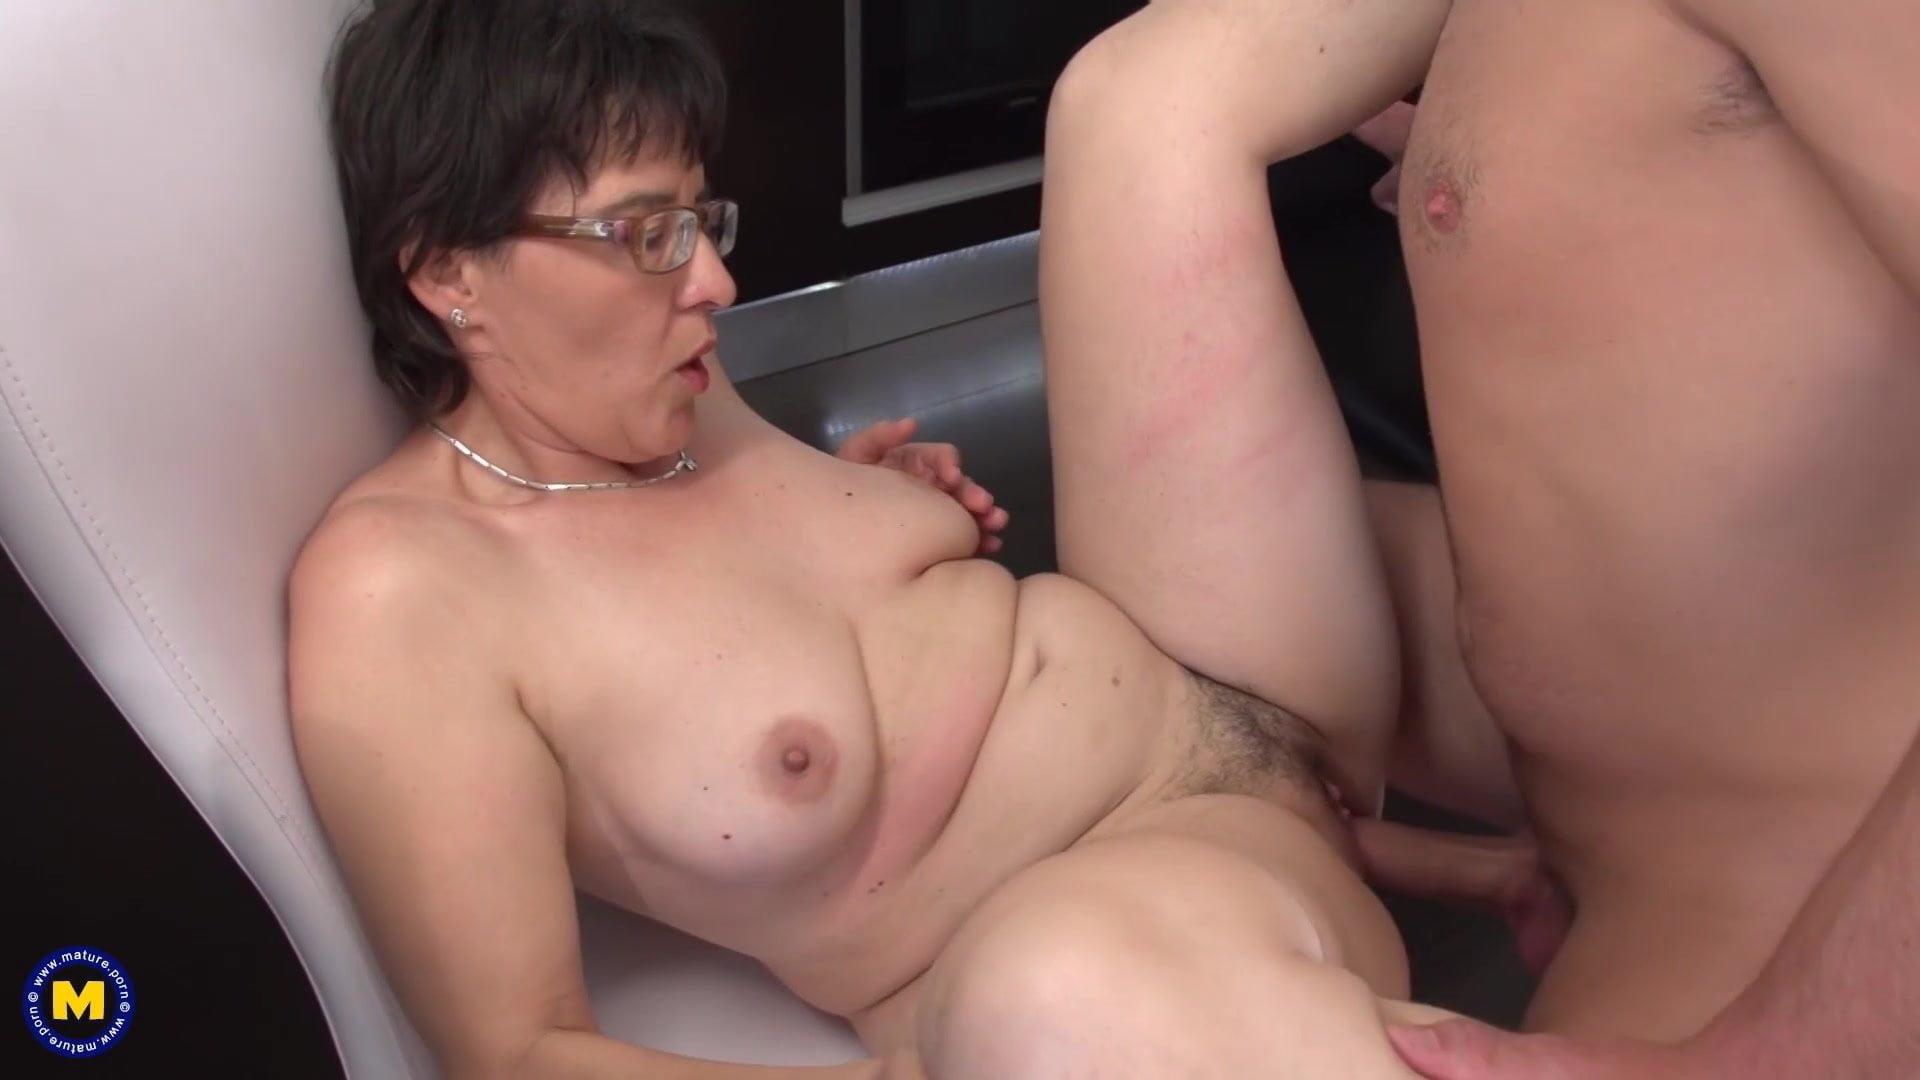 Amateur Boy Porn